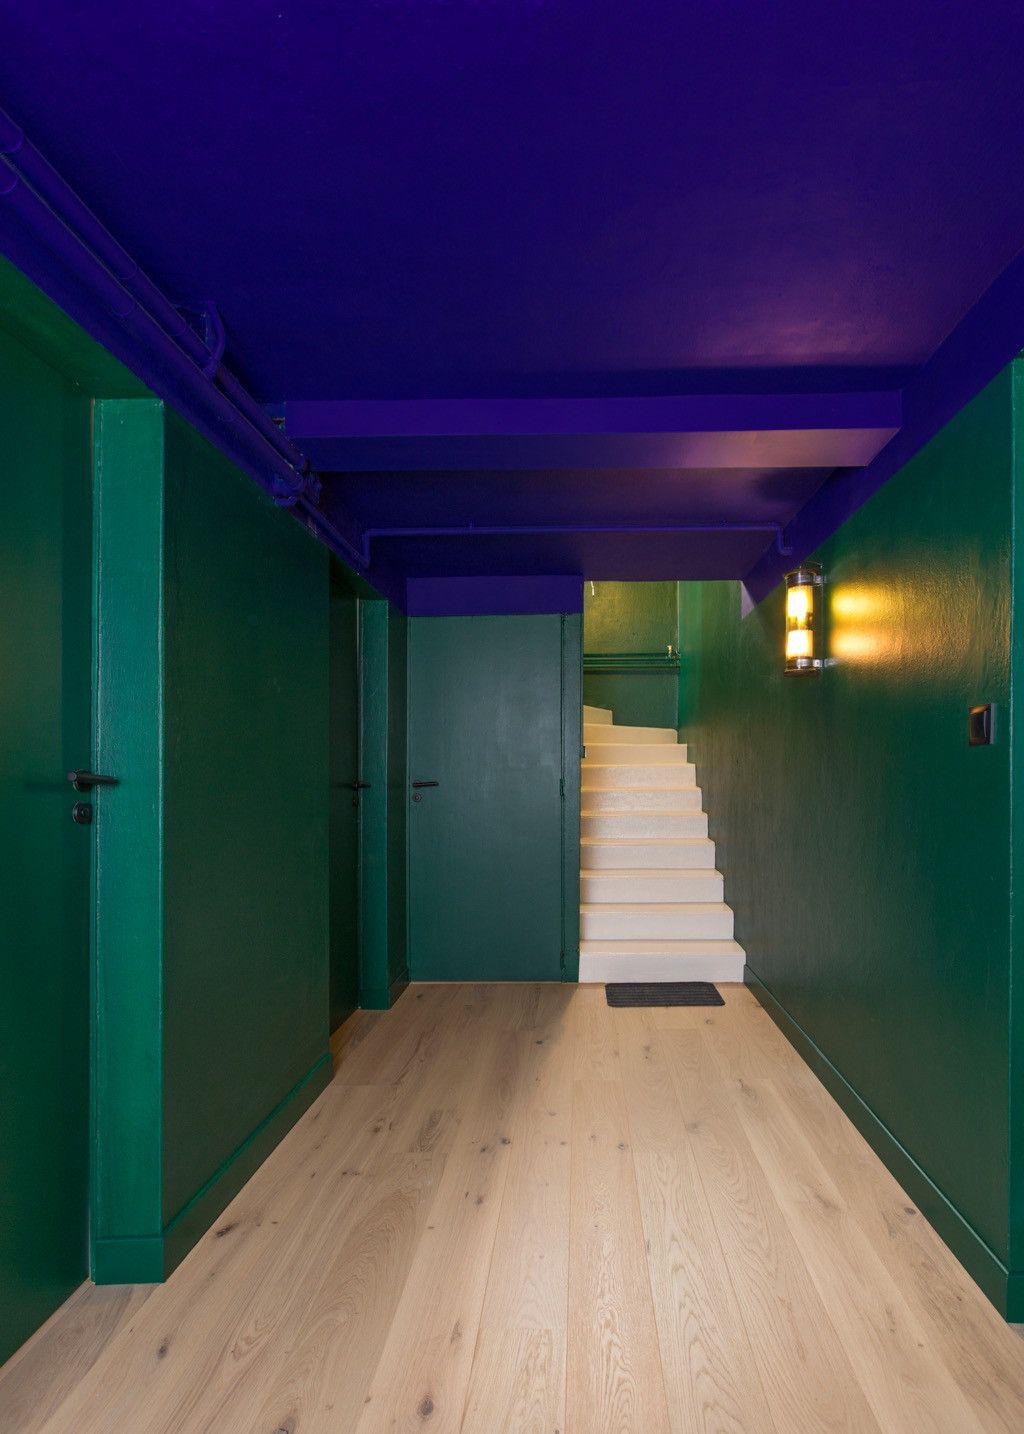 architecte intrieur bordeaux formation decoratrice d interieur bordeaux formation decorateur. Black Bedroom Furniture Sets. Home Design Ideas